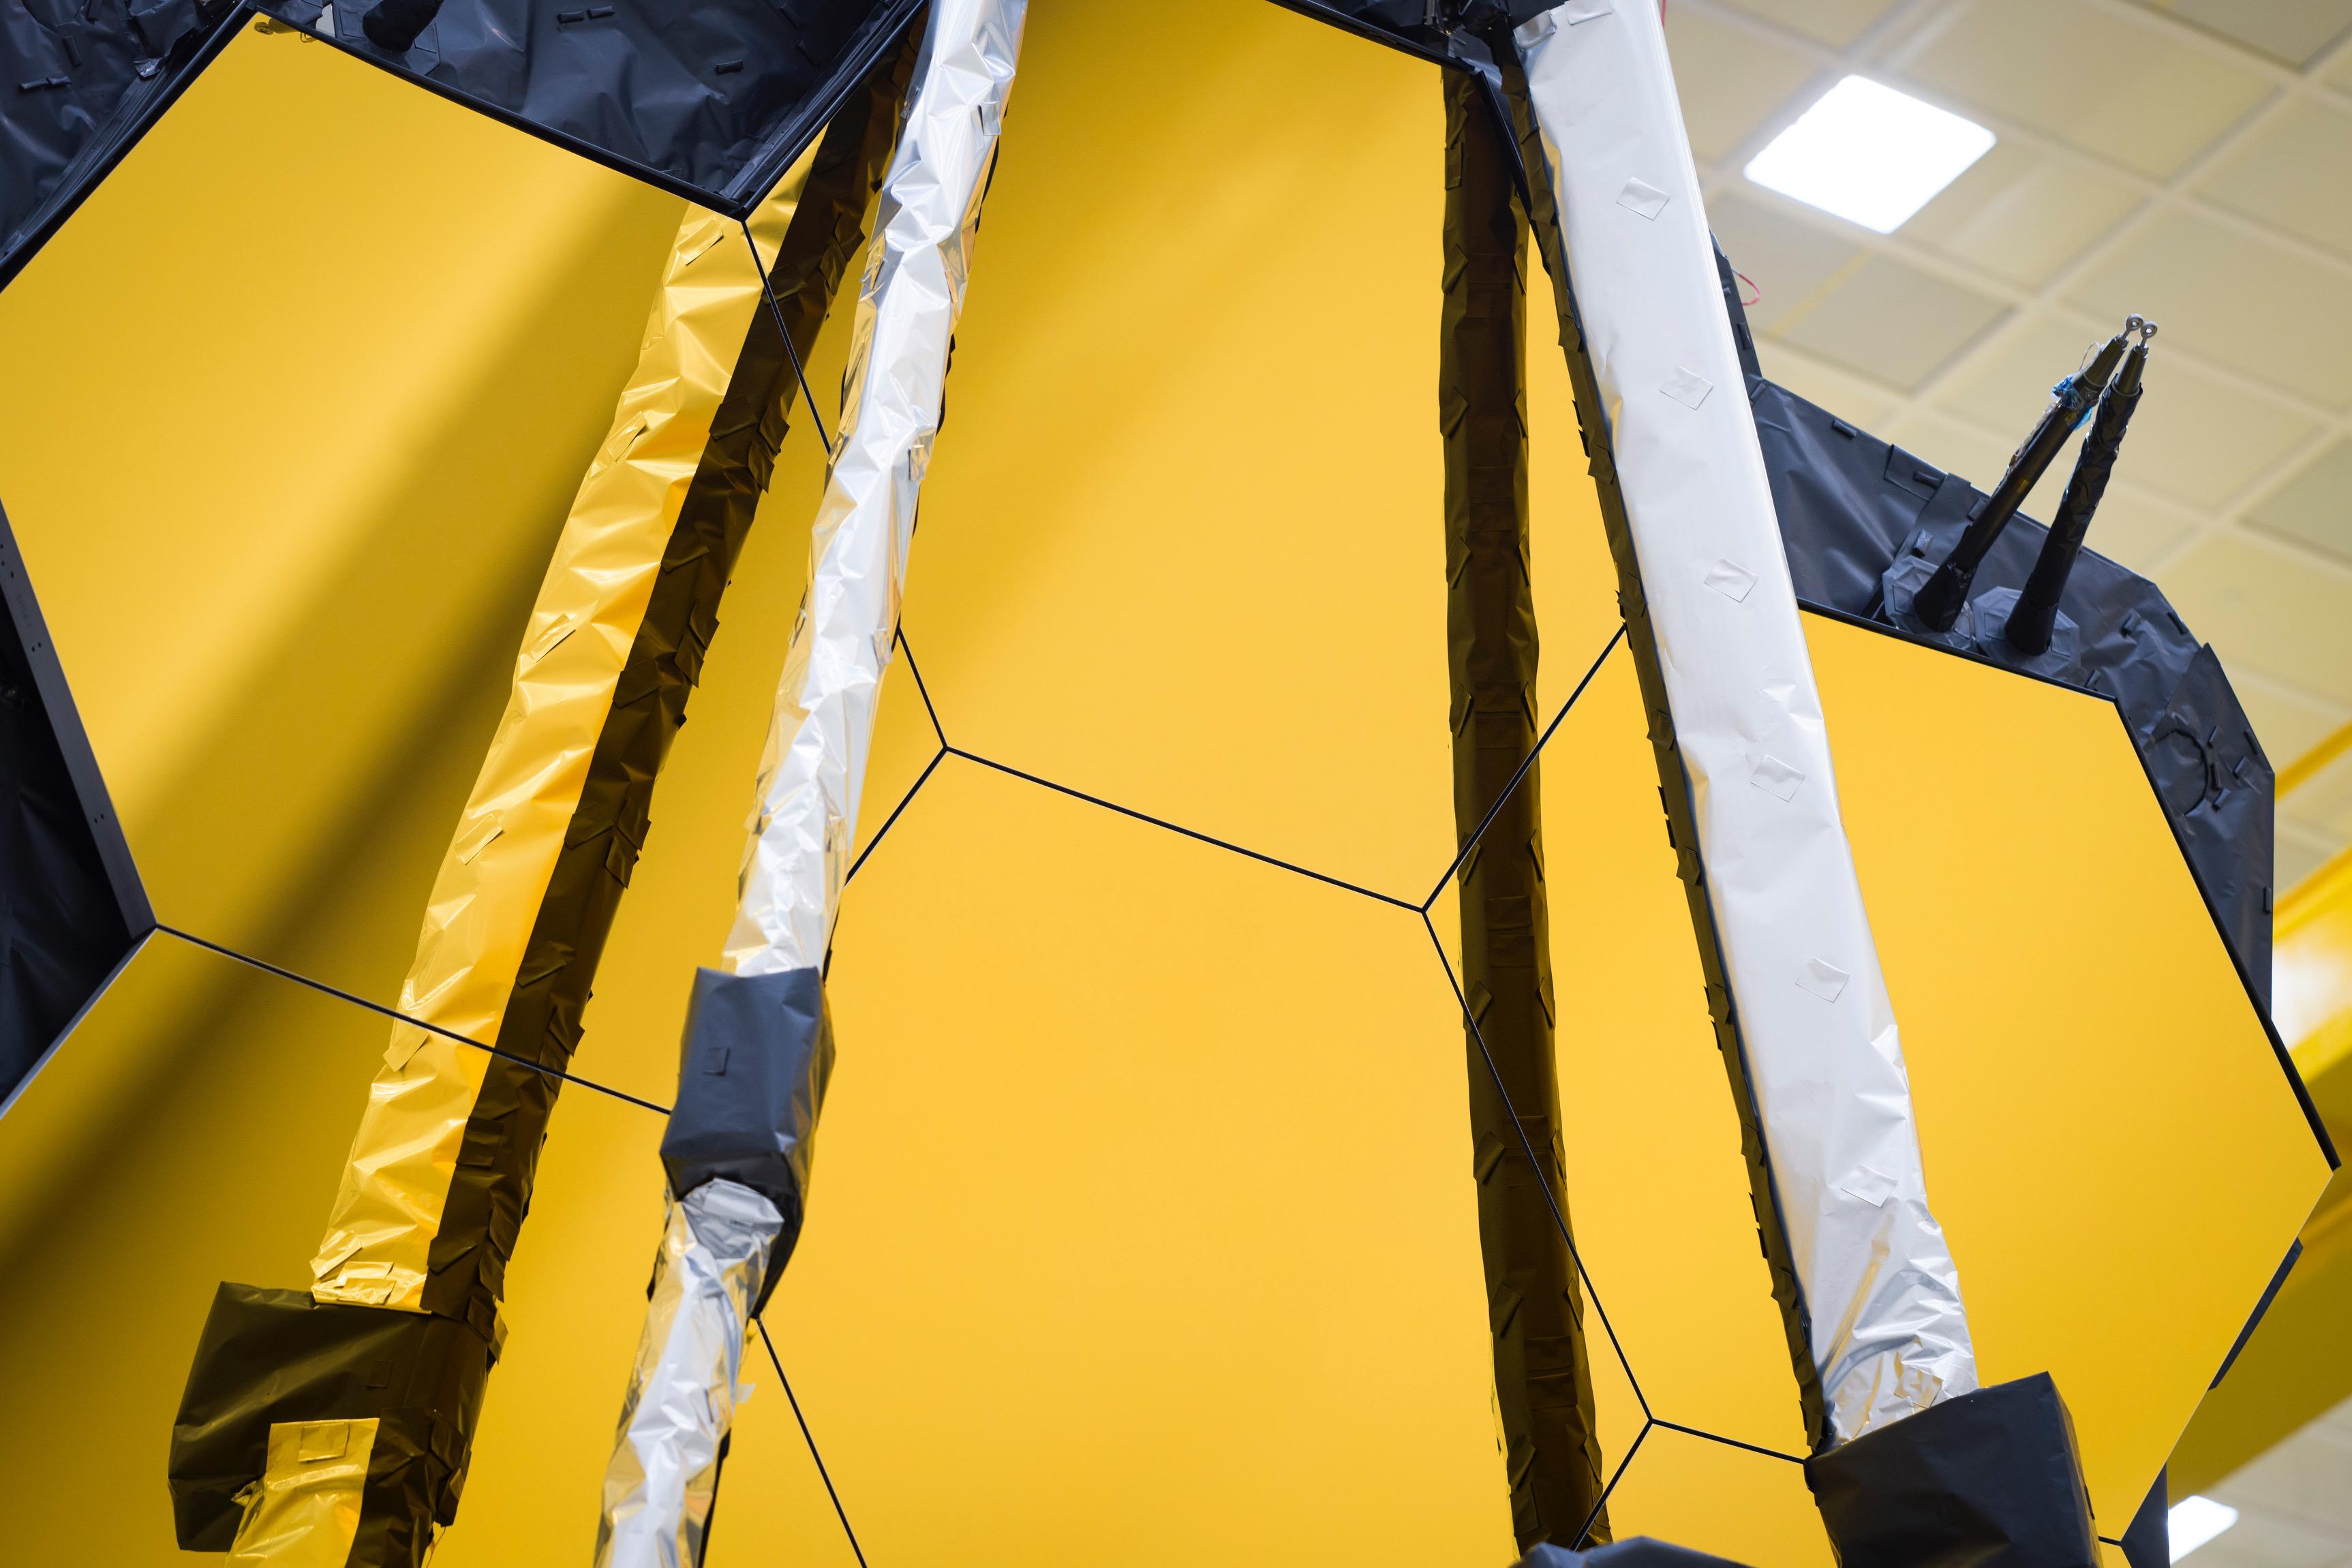 El telescopio espacial James Webb de la NASA completa las pruebas funcionales finales para prepararse para el lanzamiento.